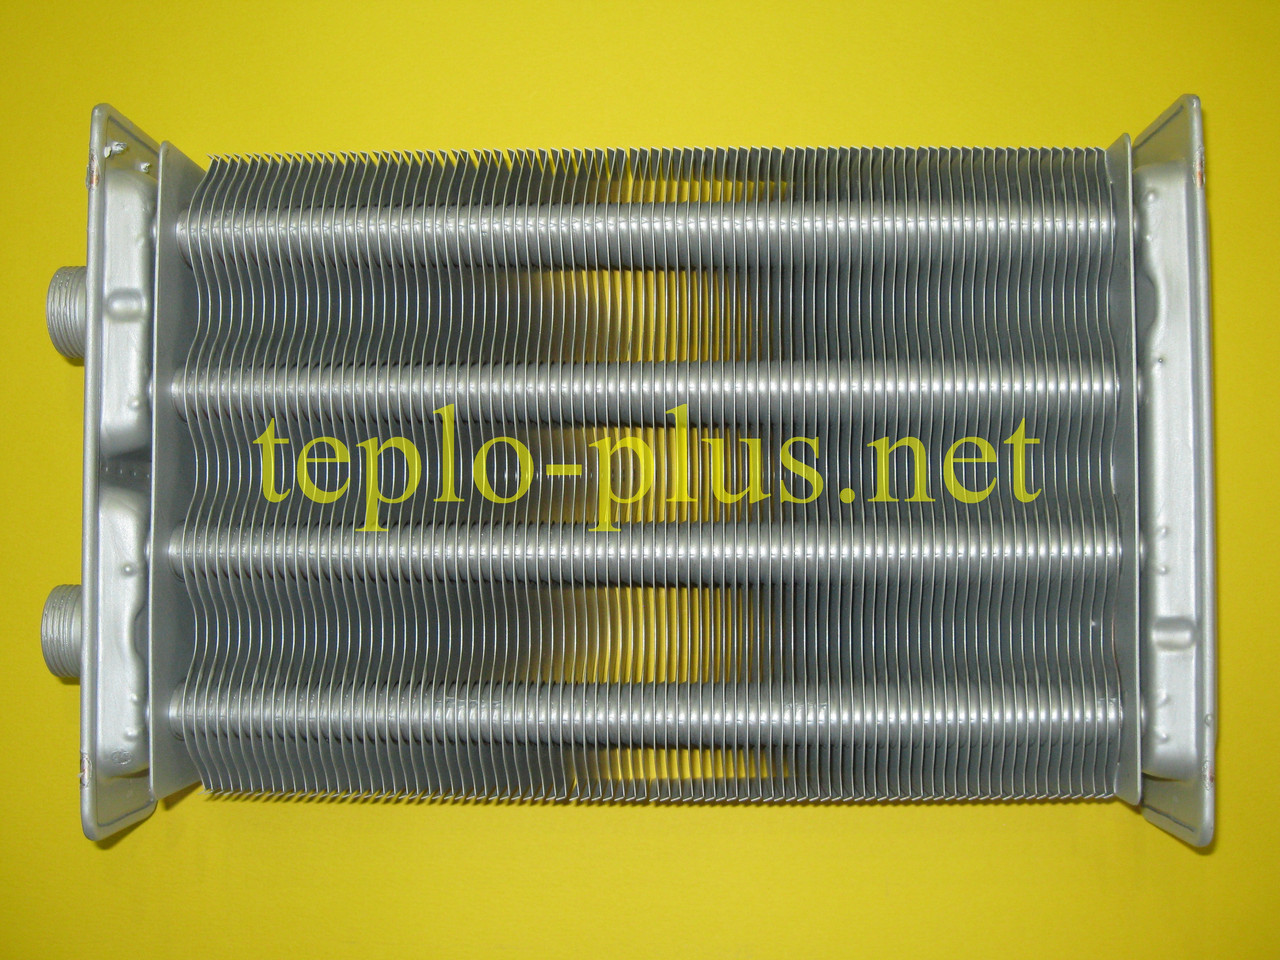 Теплообменник первичный (основной) R10029880 (R20005142, R20053721) Beretta City 24 CAI / CSI